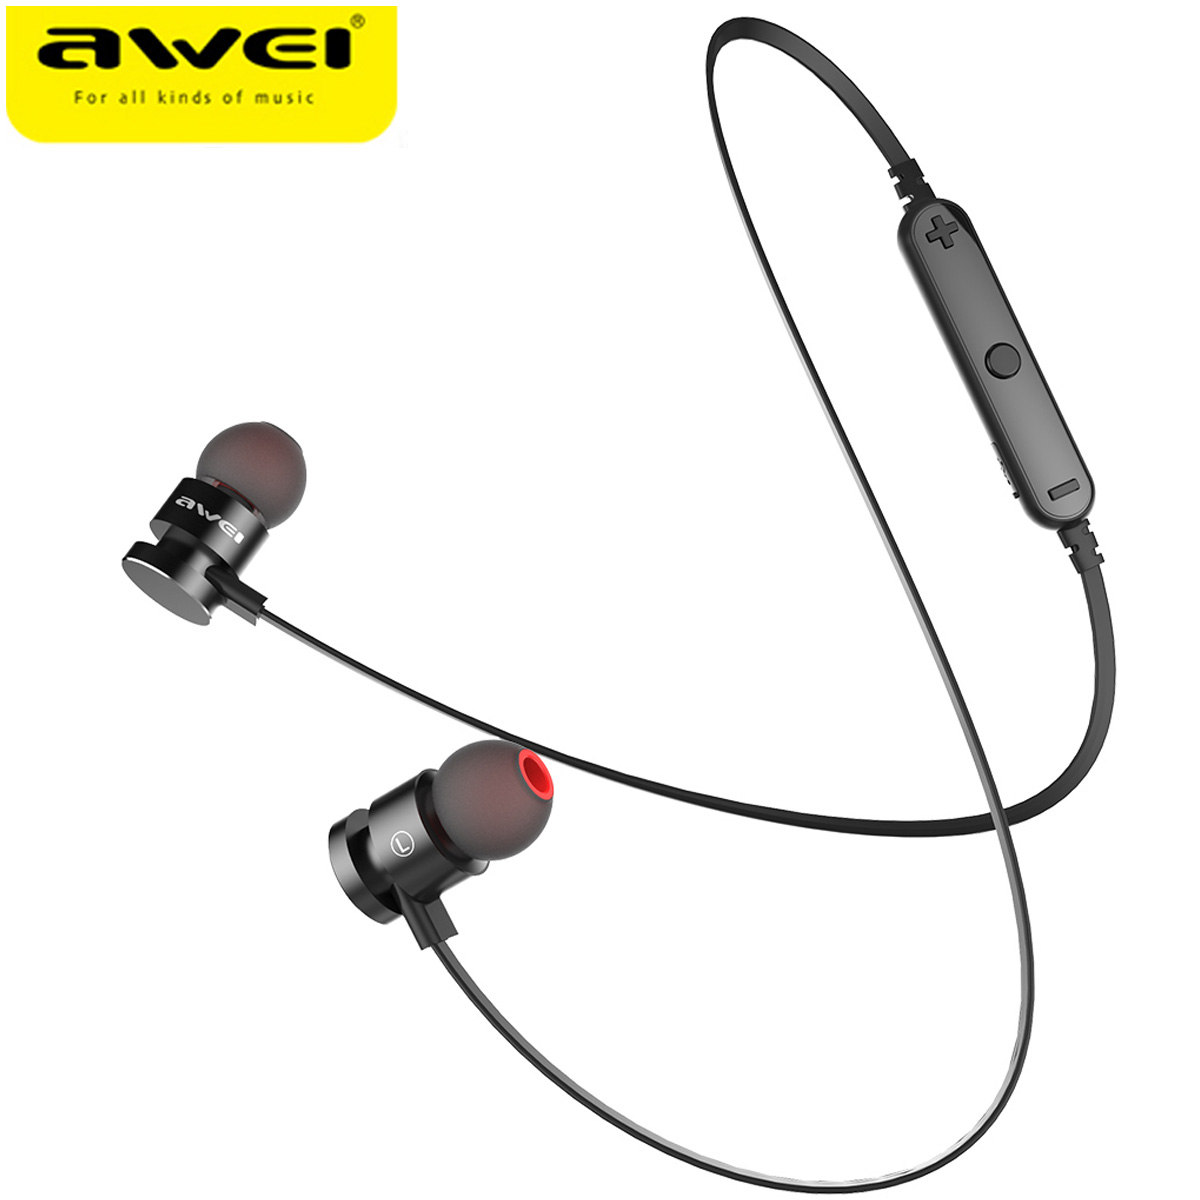 2018 Più Nuovo AWEI T11 Cuffia Senza Fili Auricolare Bluetooth Fone de ouvido Per Il Telefono Neckband Écouteur Cuffie Bluetooth V4.2